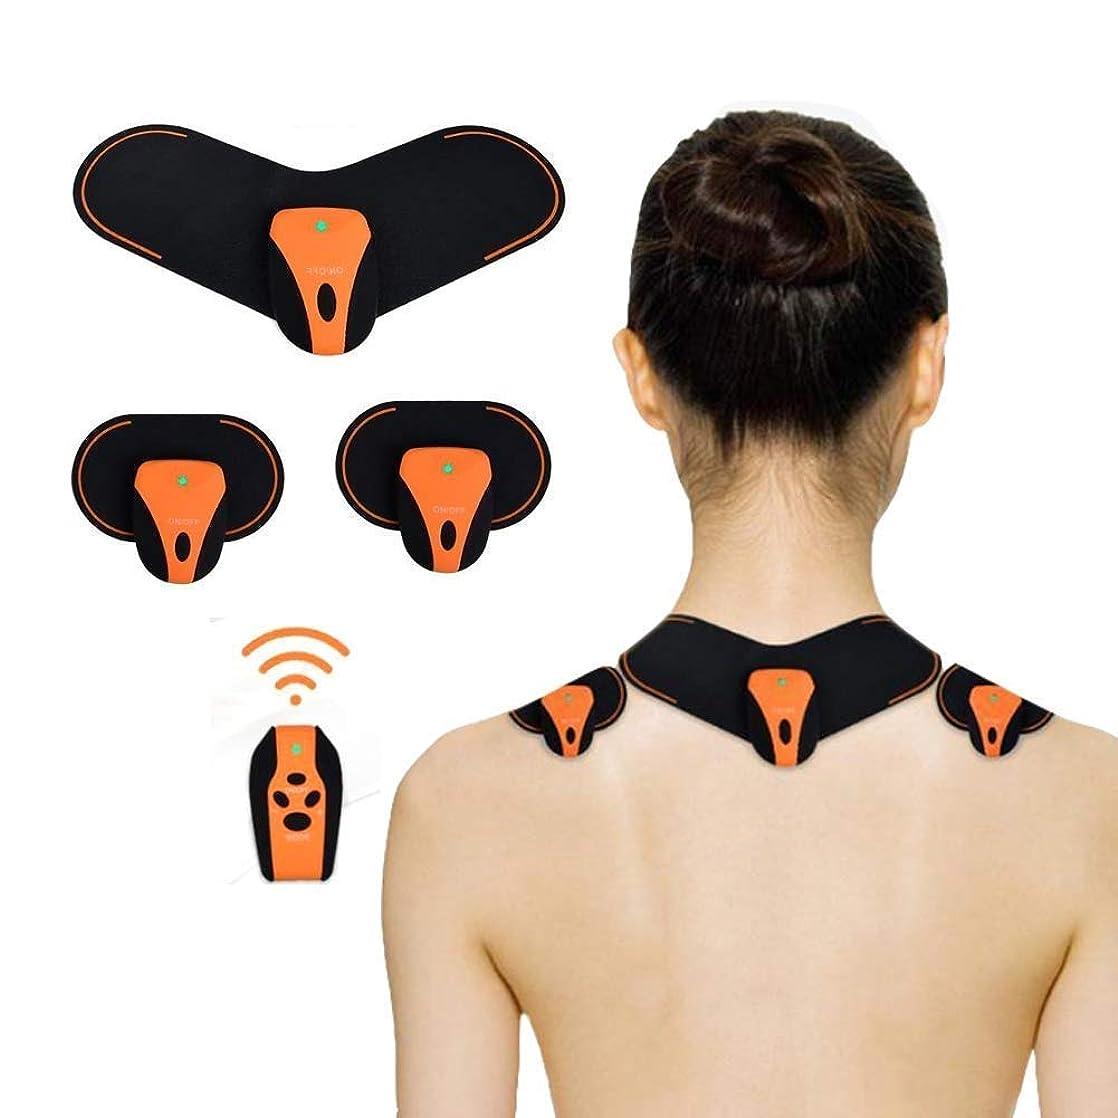 自然公園一次機械的にマッサージステッカー 電子筋肉刺激物機械、線維筋痛症/関節炎/肩/神経/首/背部苦痛の救助のための脈拍の刺激物EMS 10の機械、疼痛のリハビリテーションのための電気マッサージャー